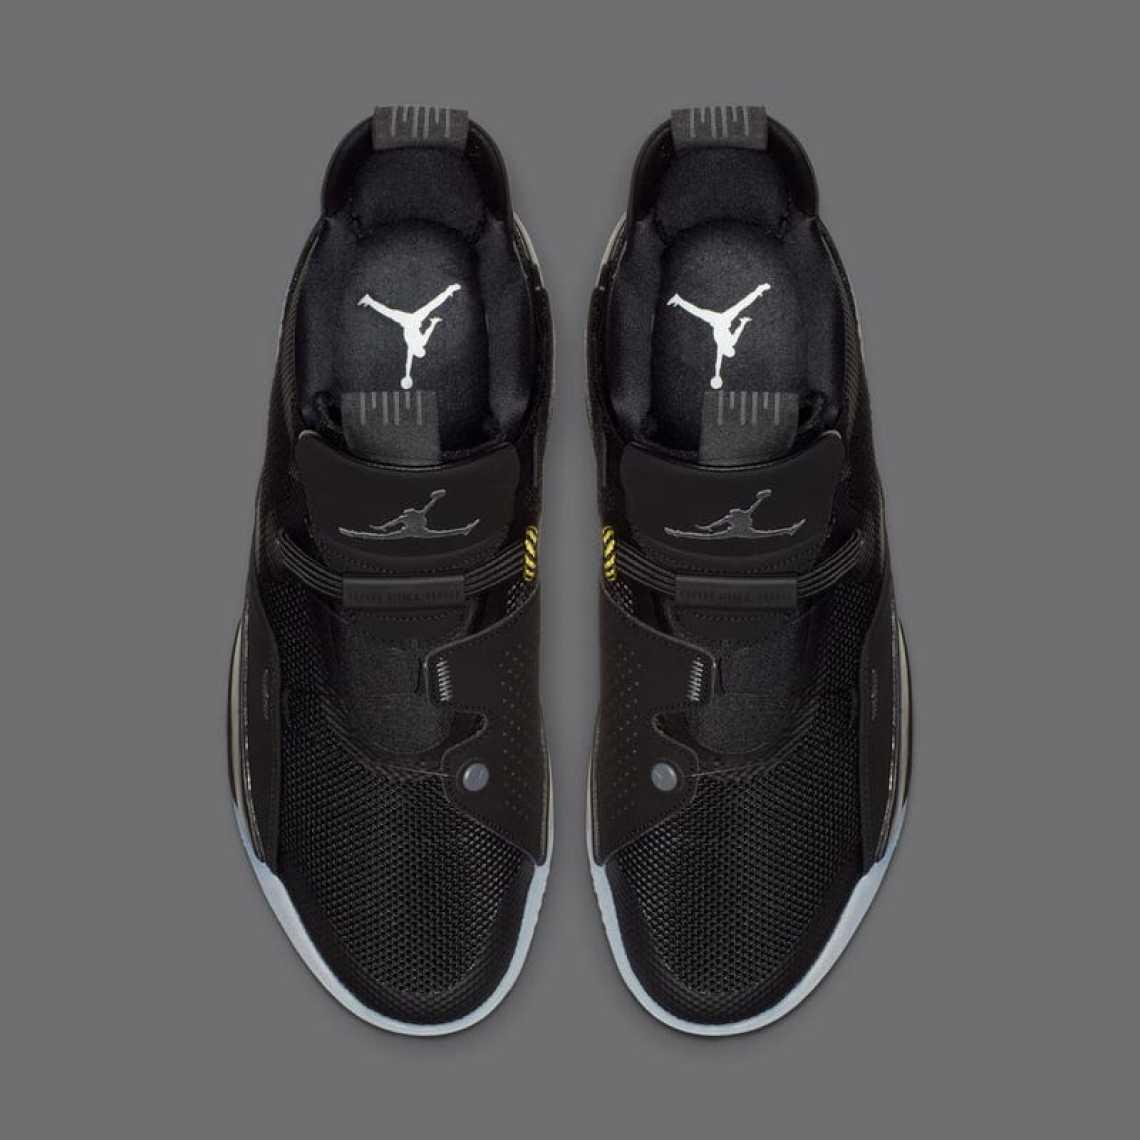 4a38ee8c408a Air Jordan 33